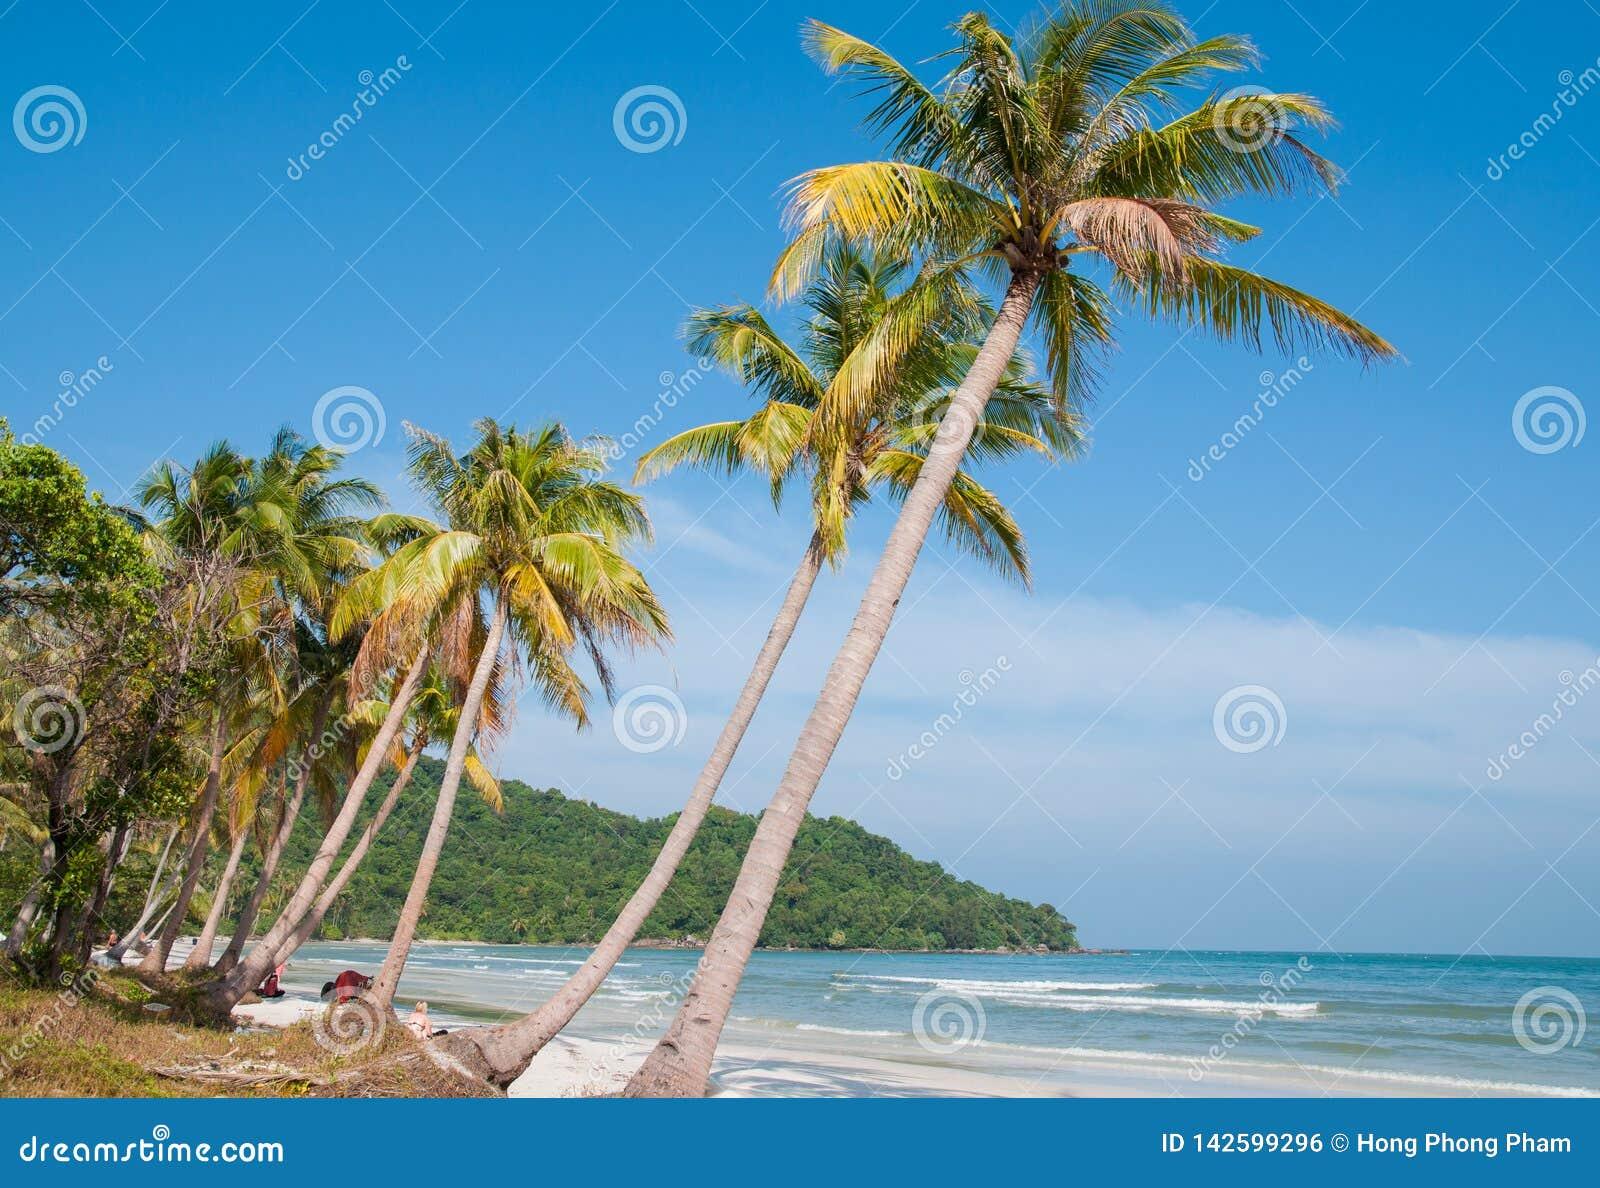 Παραλία Khem - μια άγρια παραλία στο νησί Βιετνάμ Phu Quoc